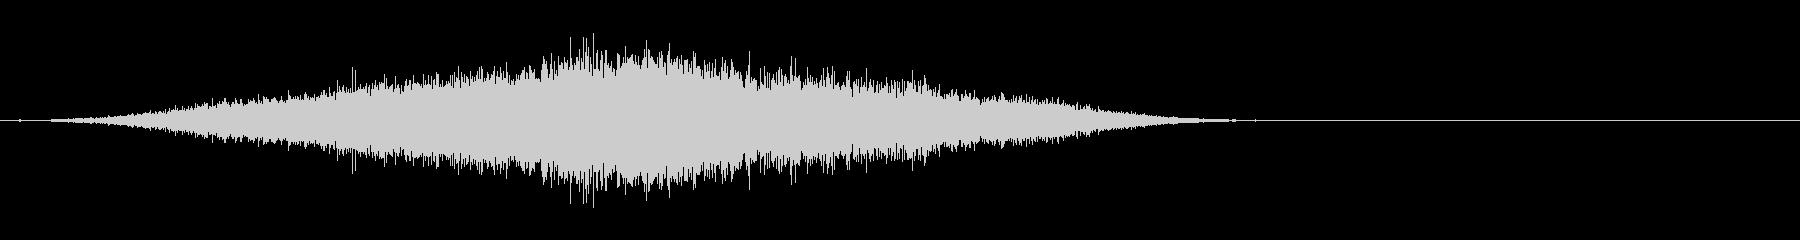 シャープピアスフーシュ2の未再生の波形